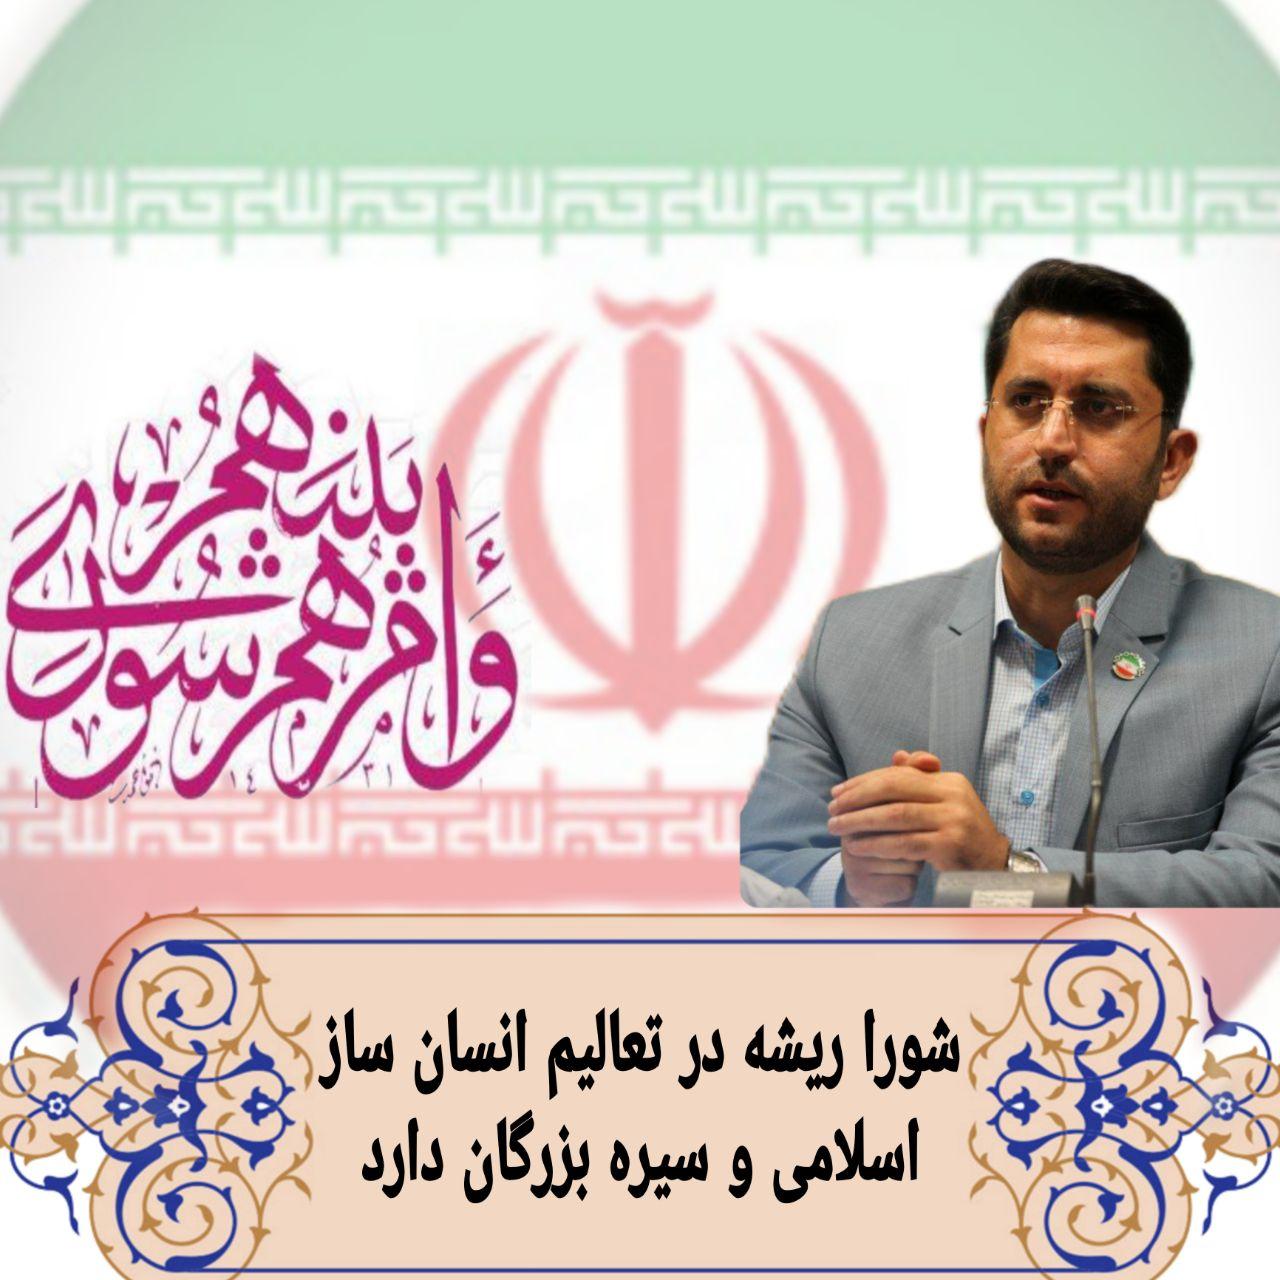 رئیس شورای شهرستان روز ملی شورای اسلامی را تبریک گفت